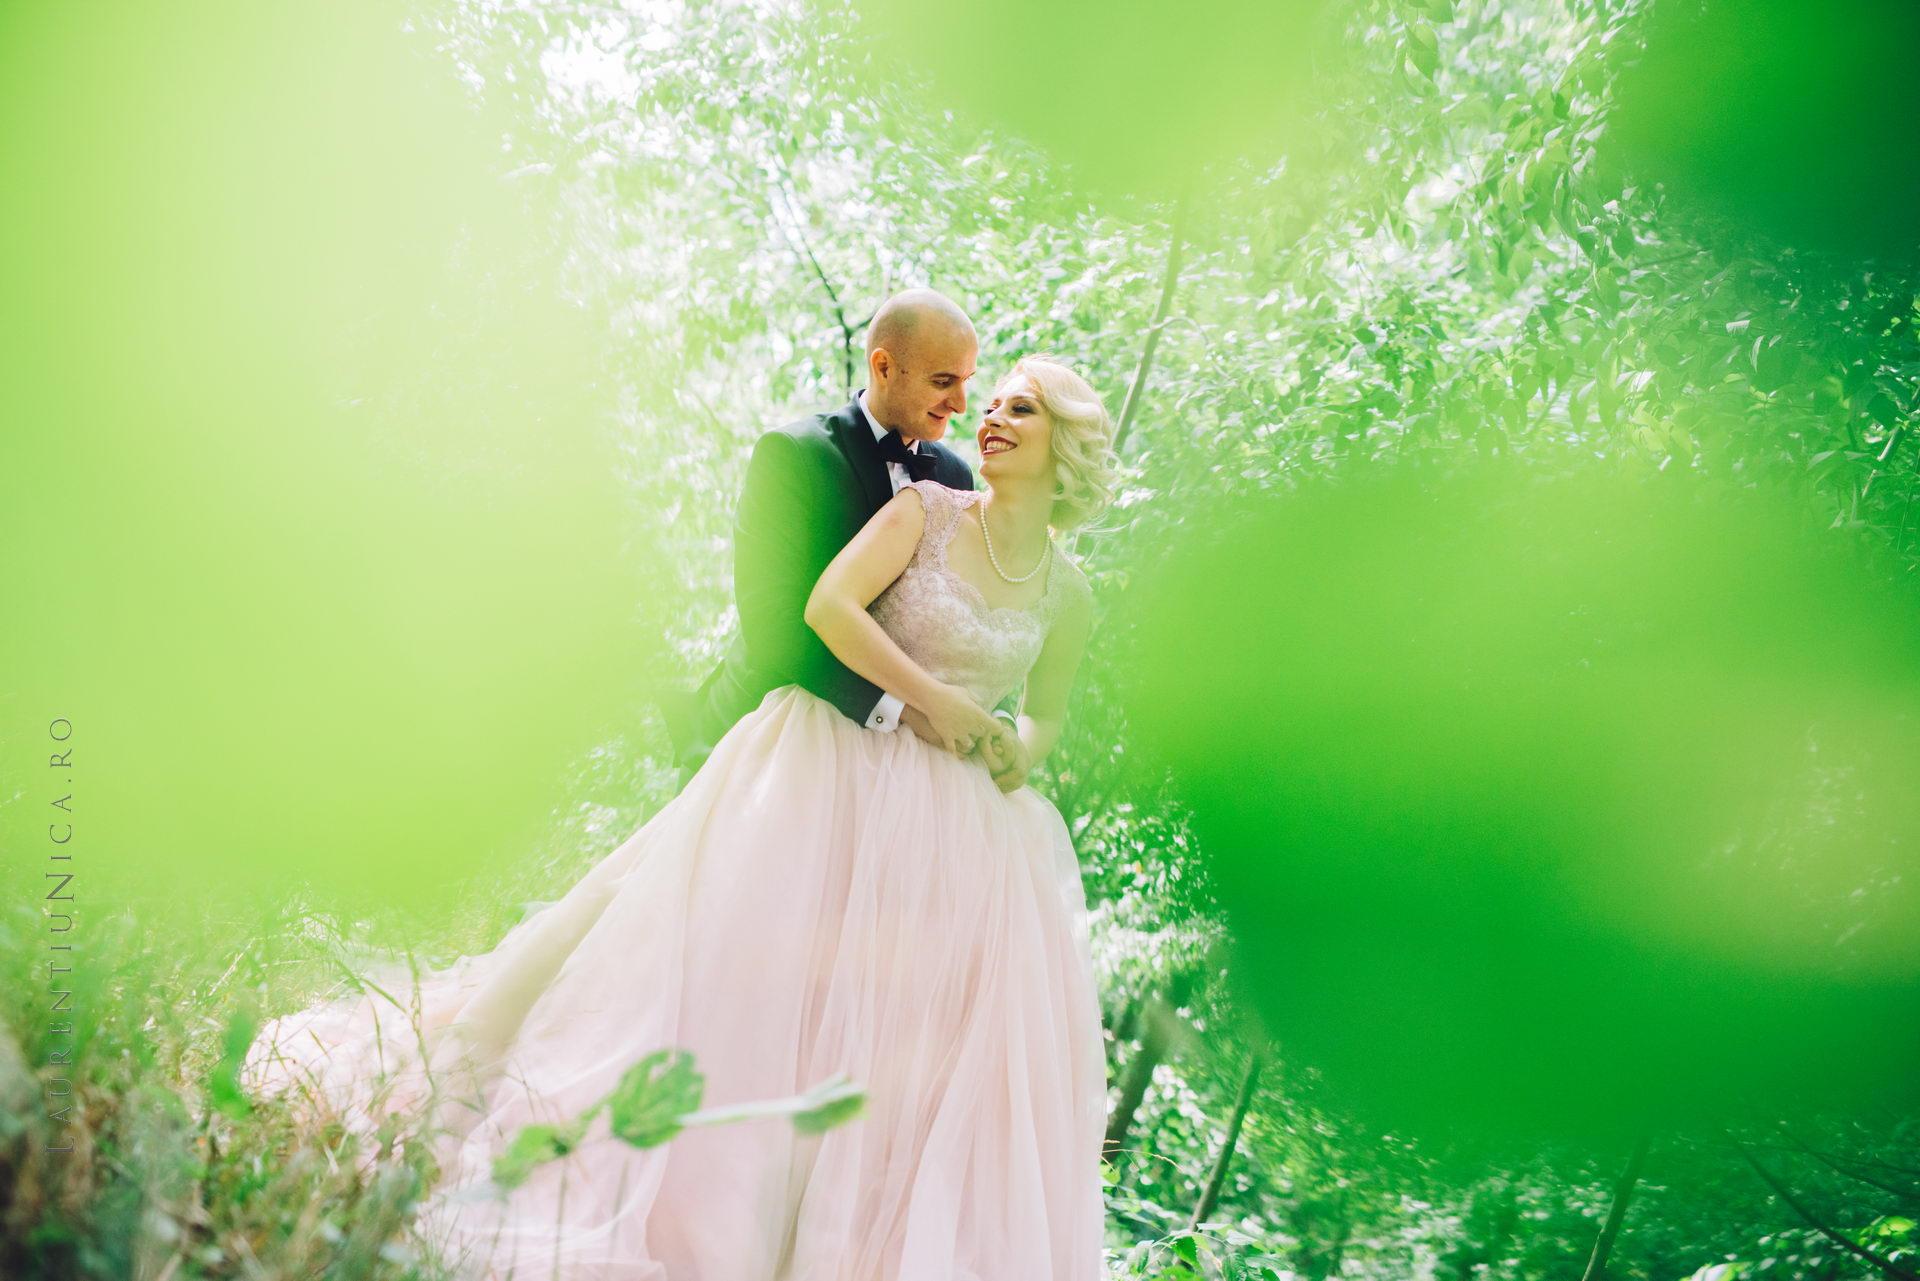 lavinia si adi fotograf laurentiu nica craiova 038 - Lavinia & Adi | Fotografii nunta